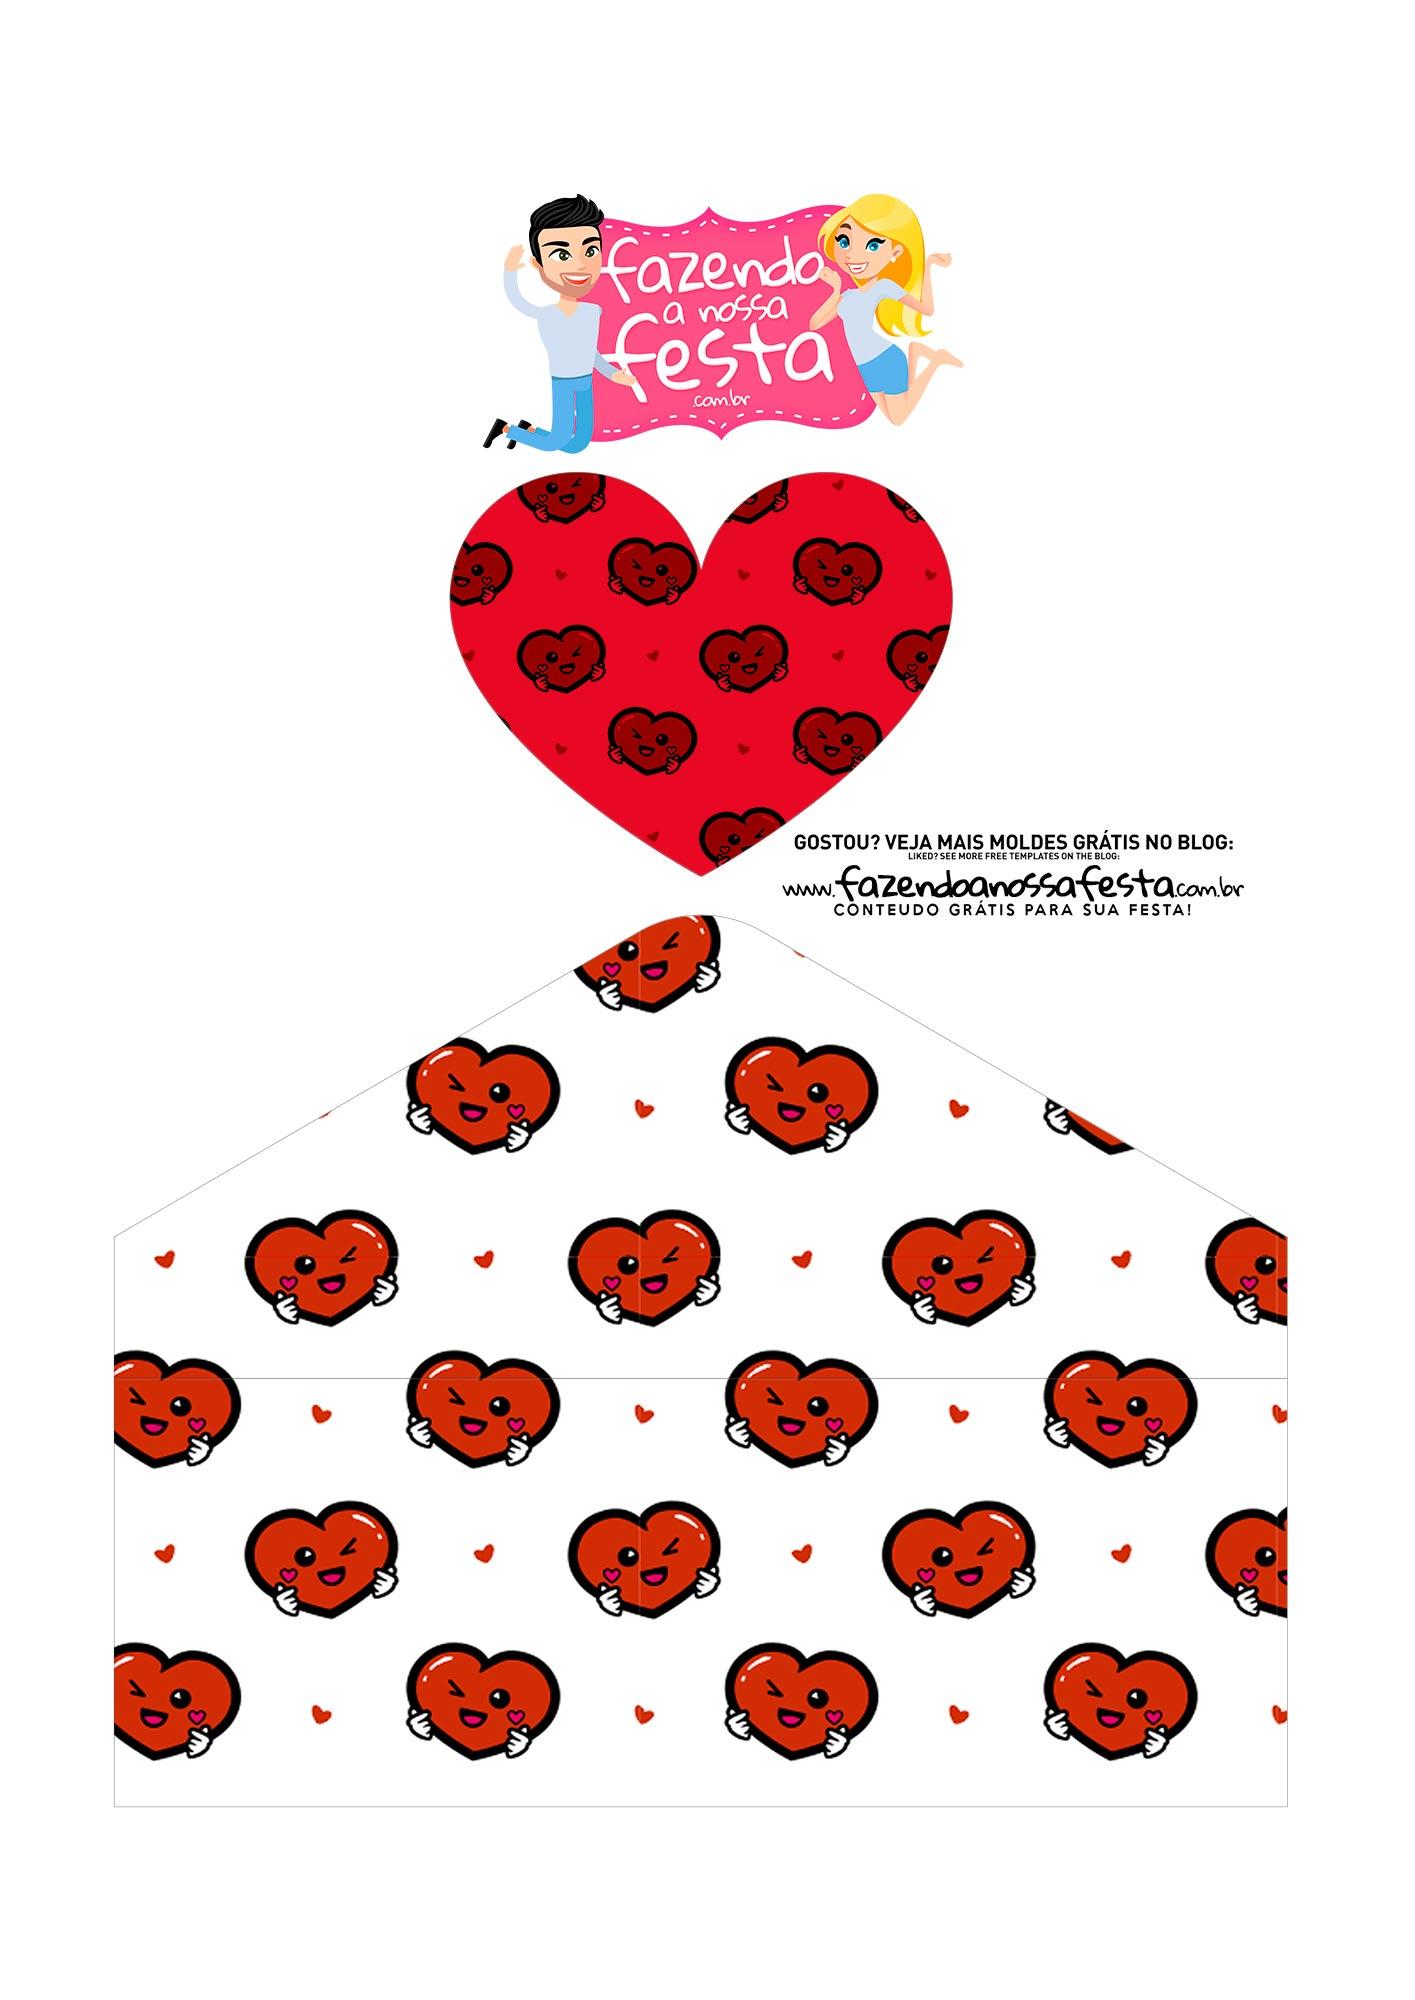 Caixa Envelope Dia dos Namorados Paradigmas 3